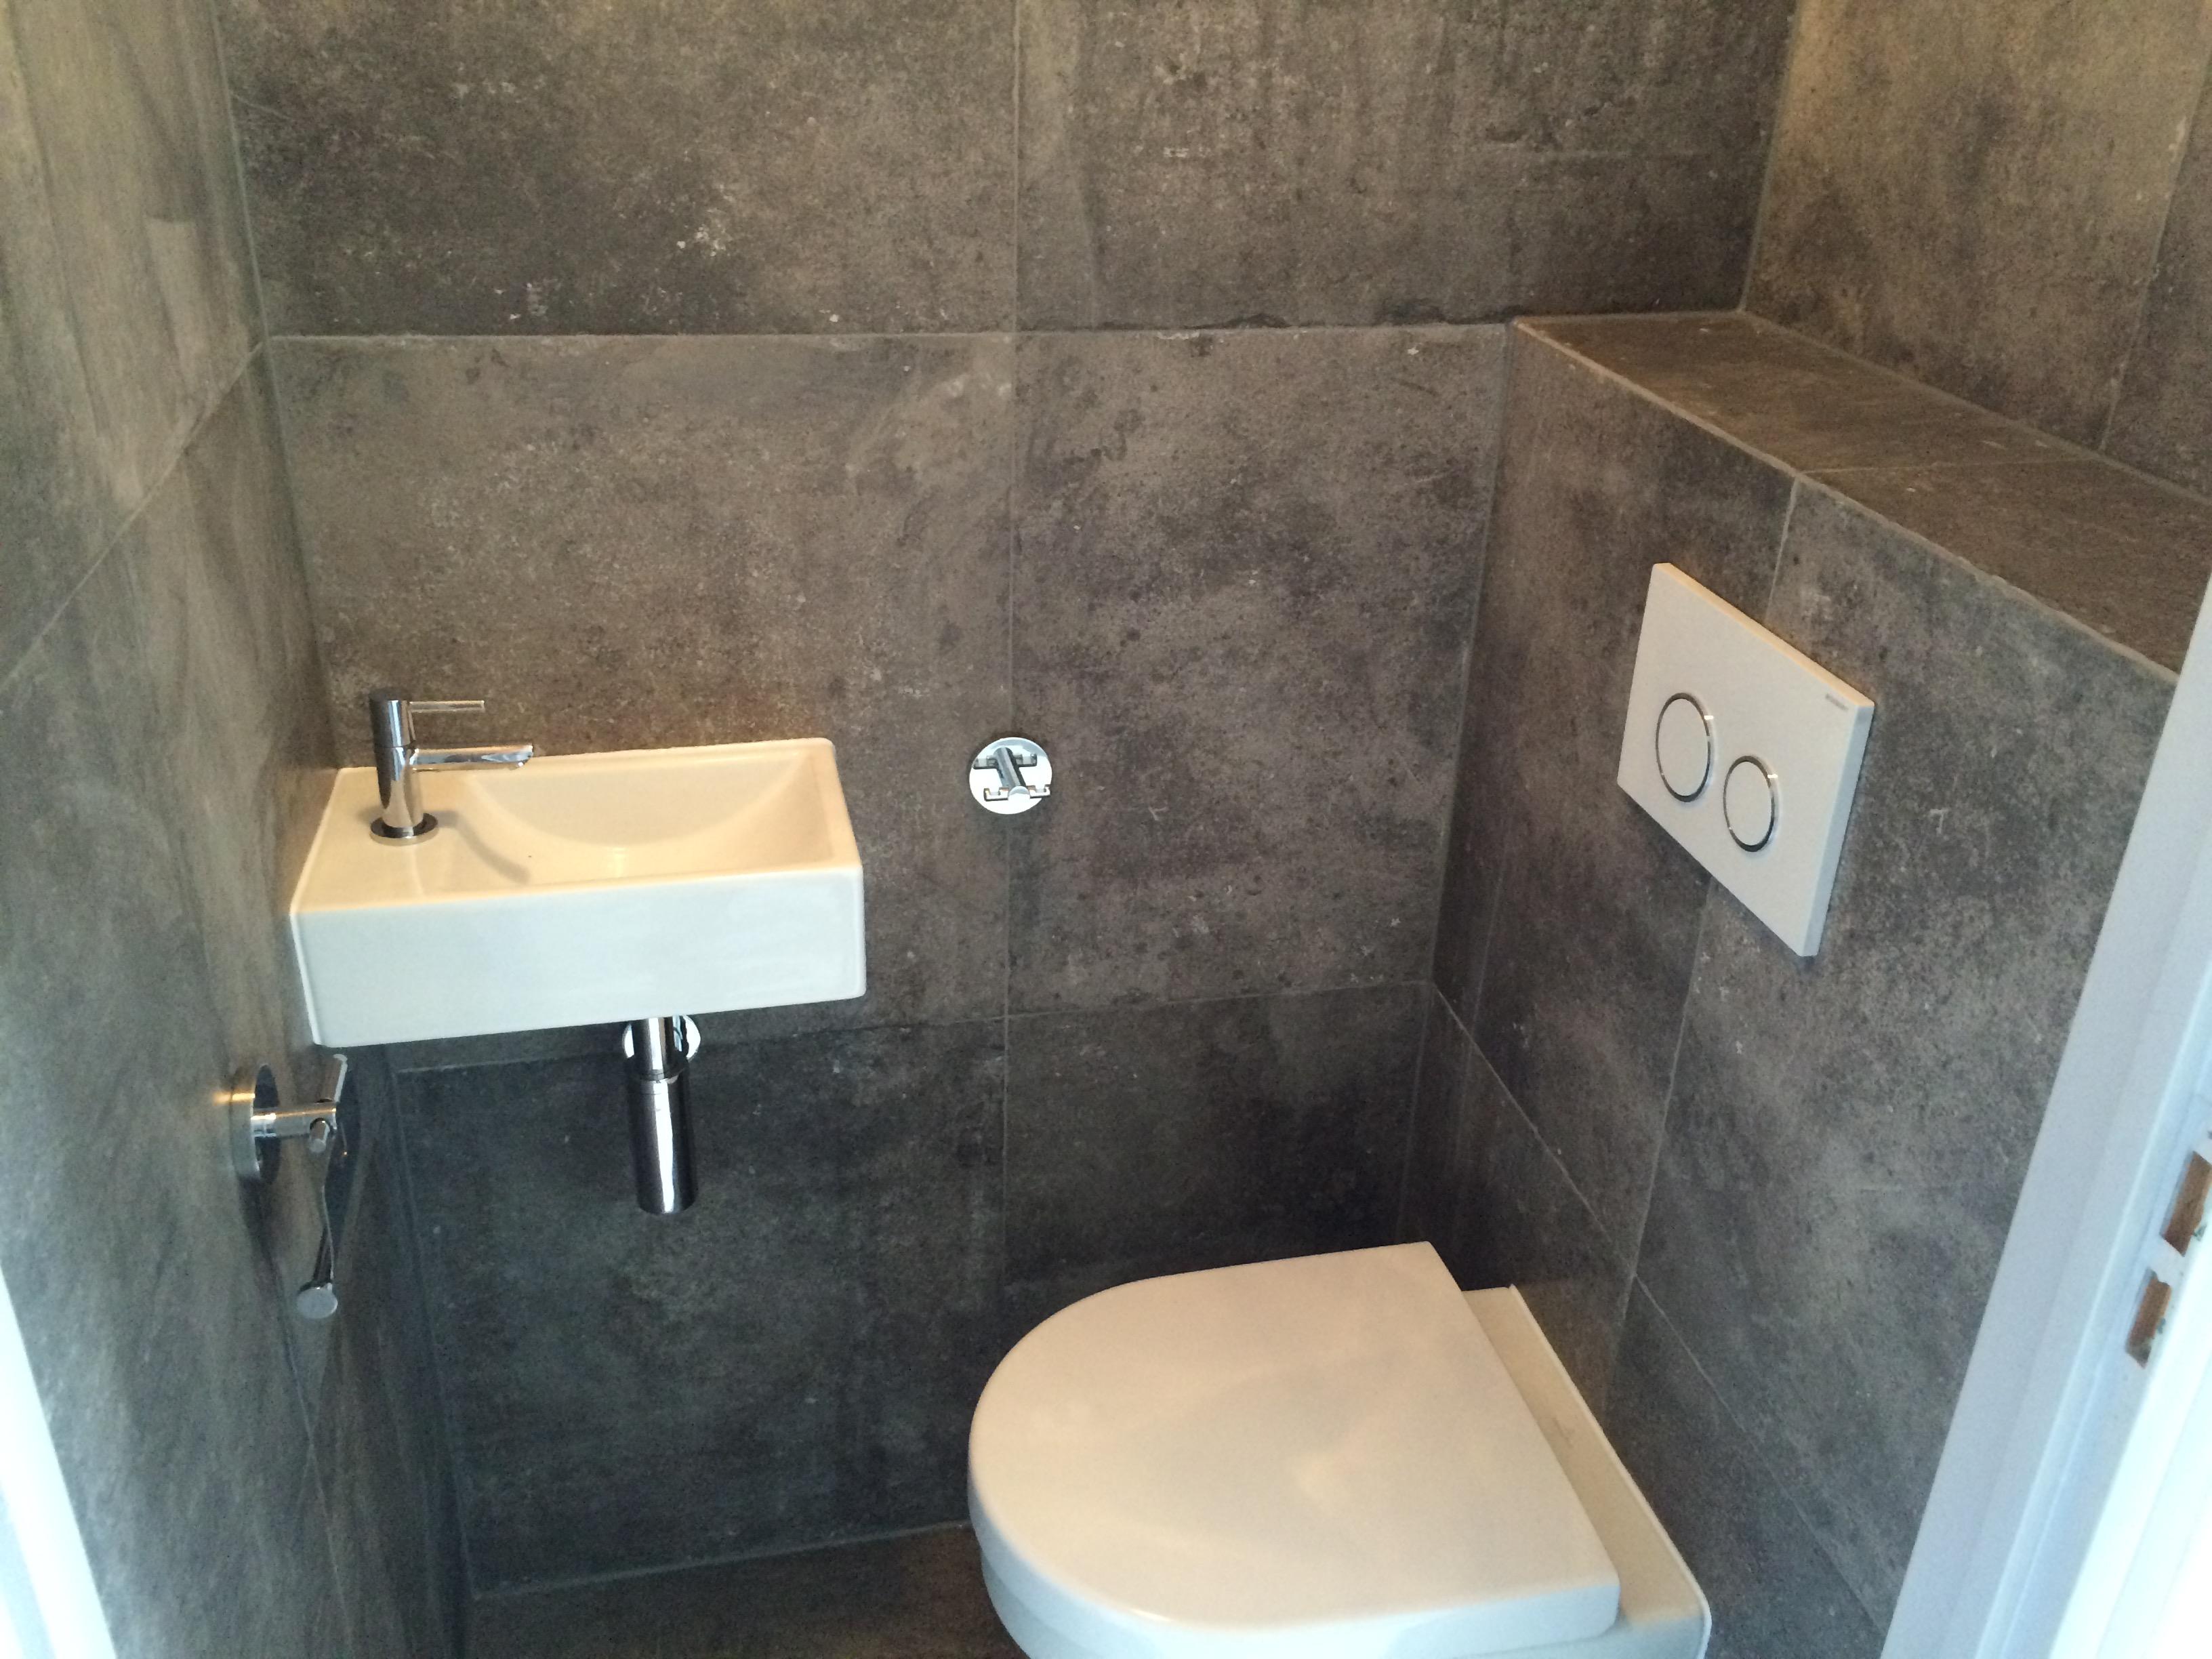 Toilet Renovatie Kosten : Toilet renovatie toilet verbouwen de topper in toilet krommenie